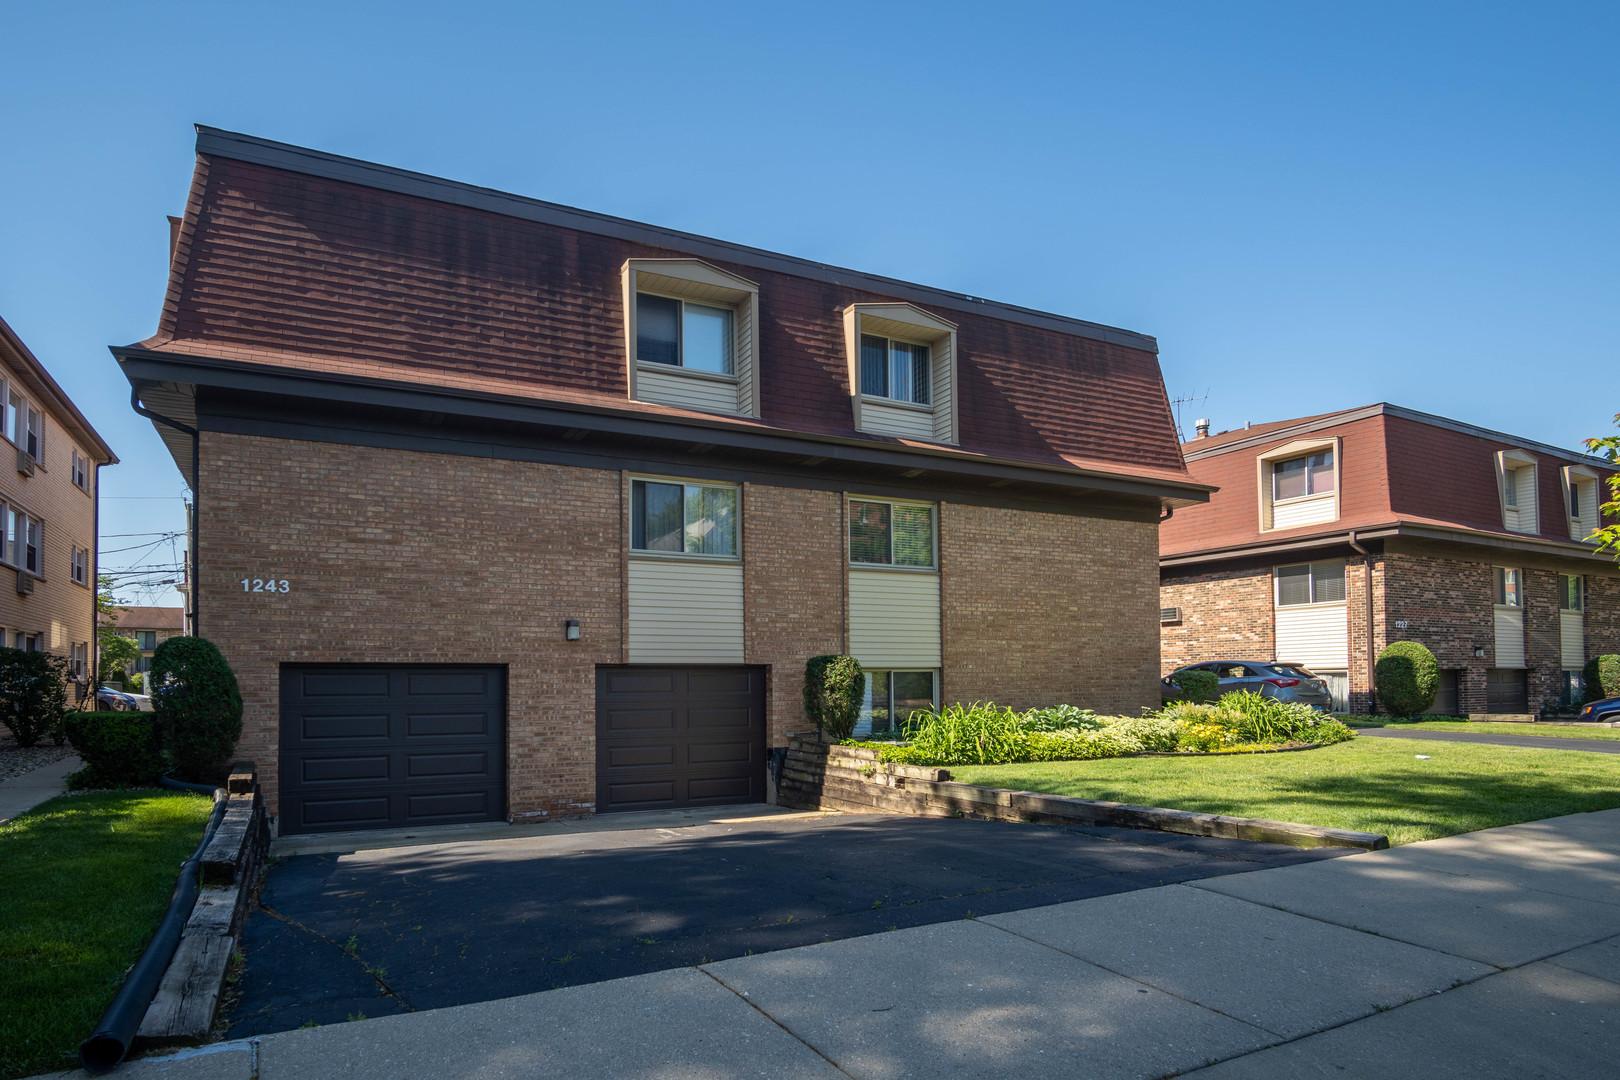 1243 E Washington Street Unit C203, Des Plaines IL 60016